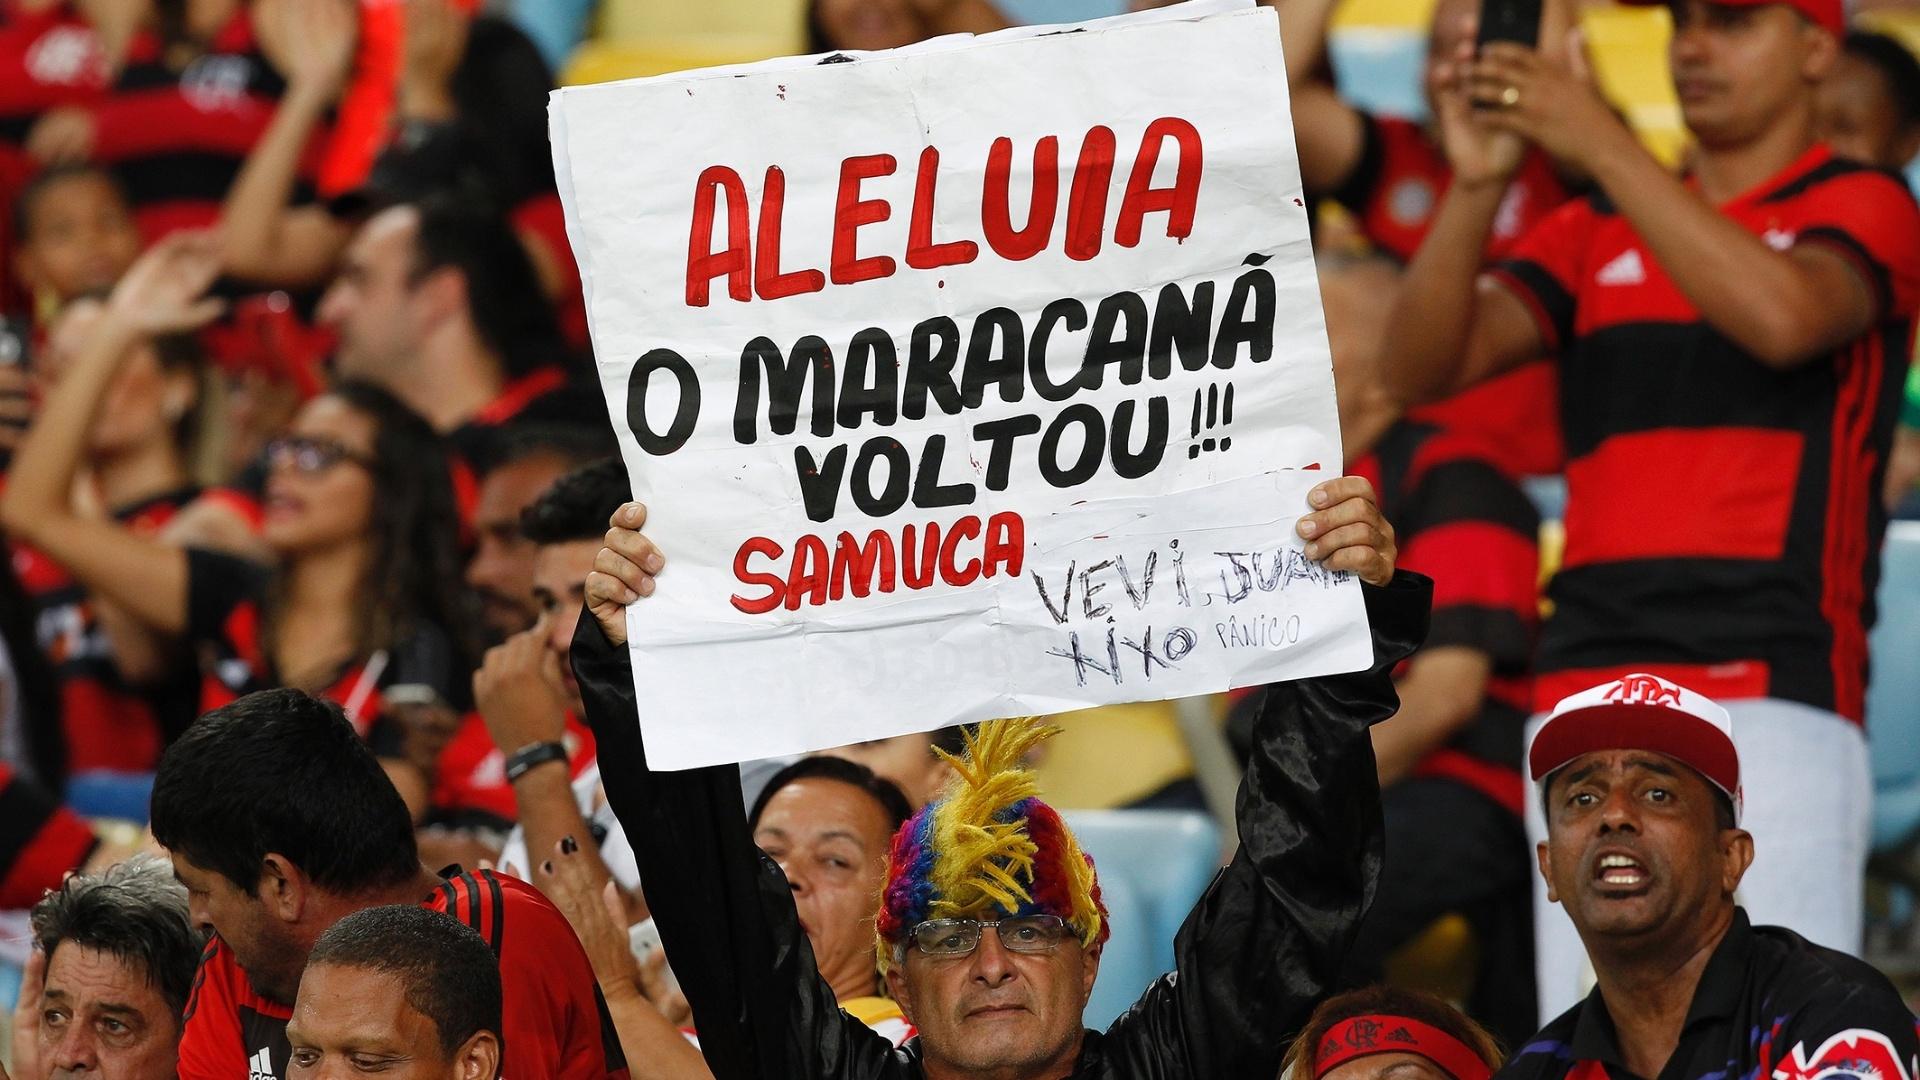 Torcedor do Flamengo comemora o retorno do Maracanã no clássico contra o Vasco